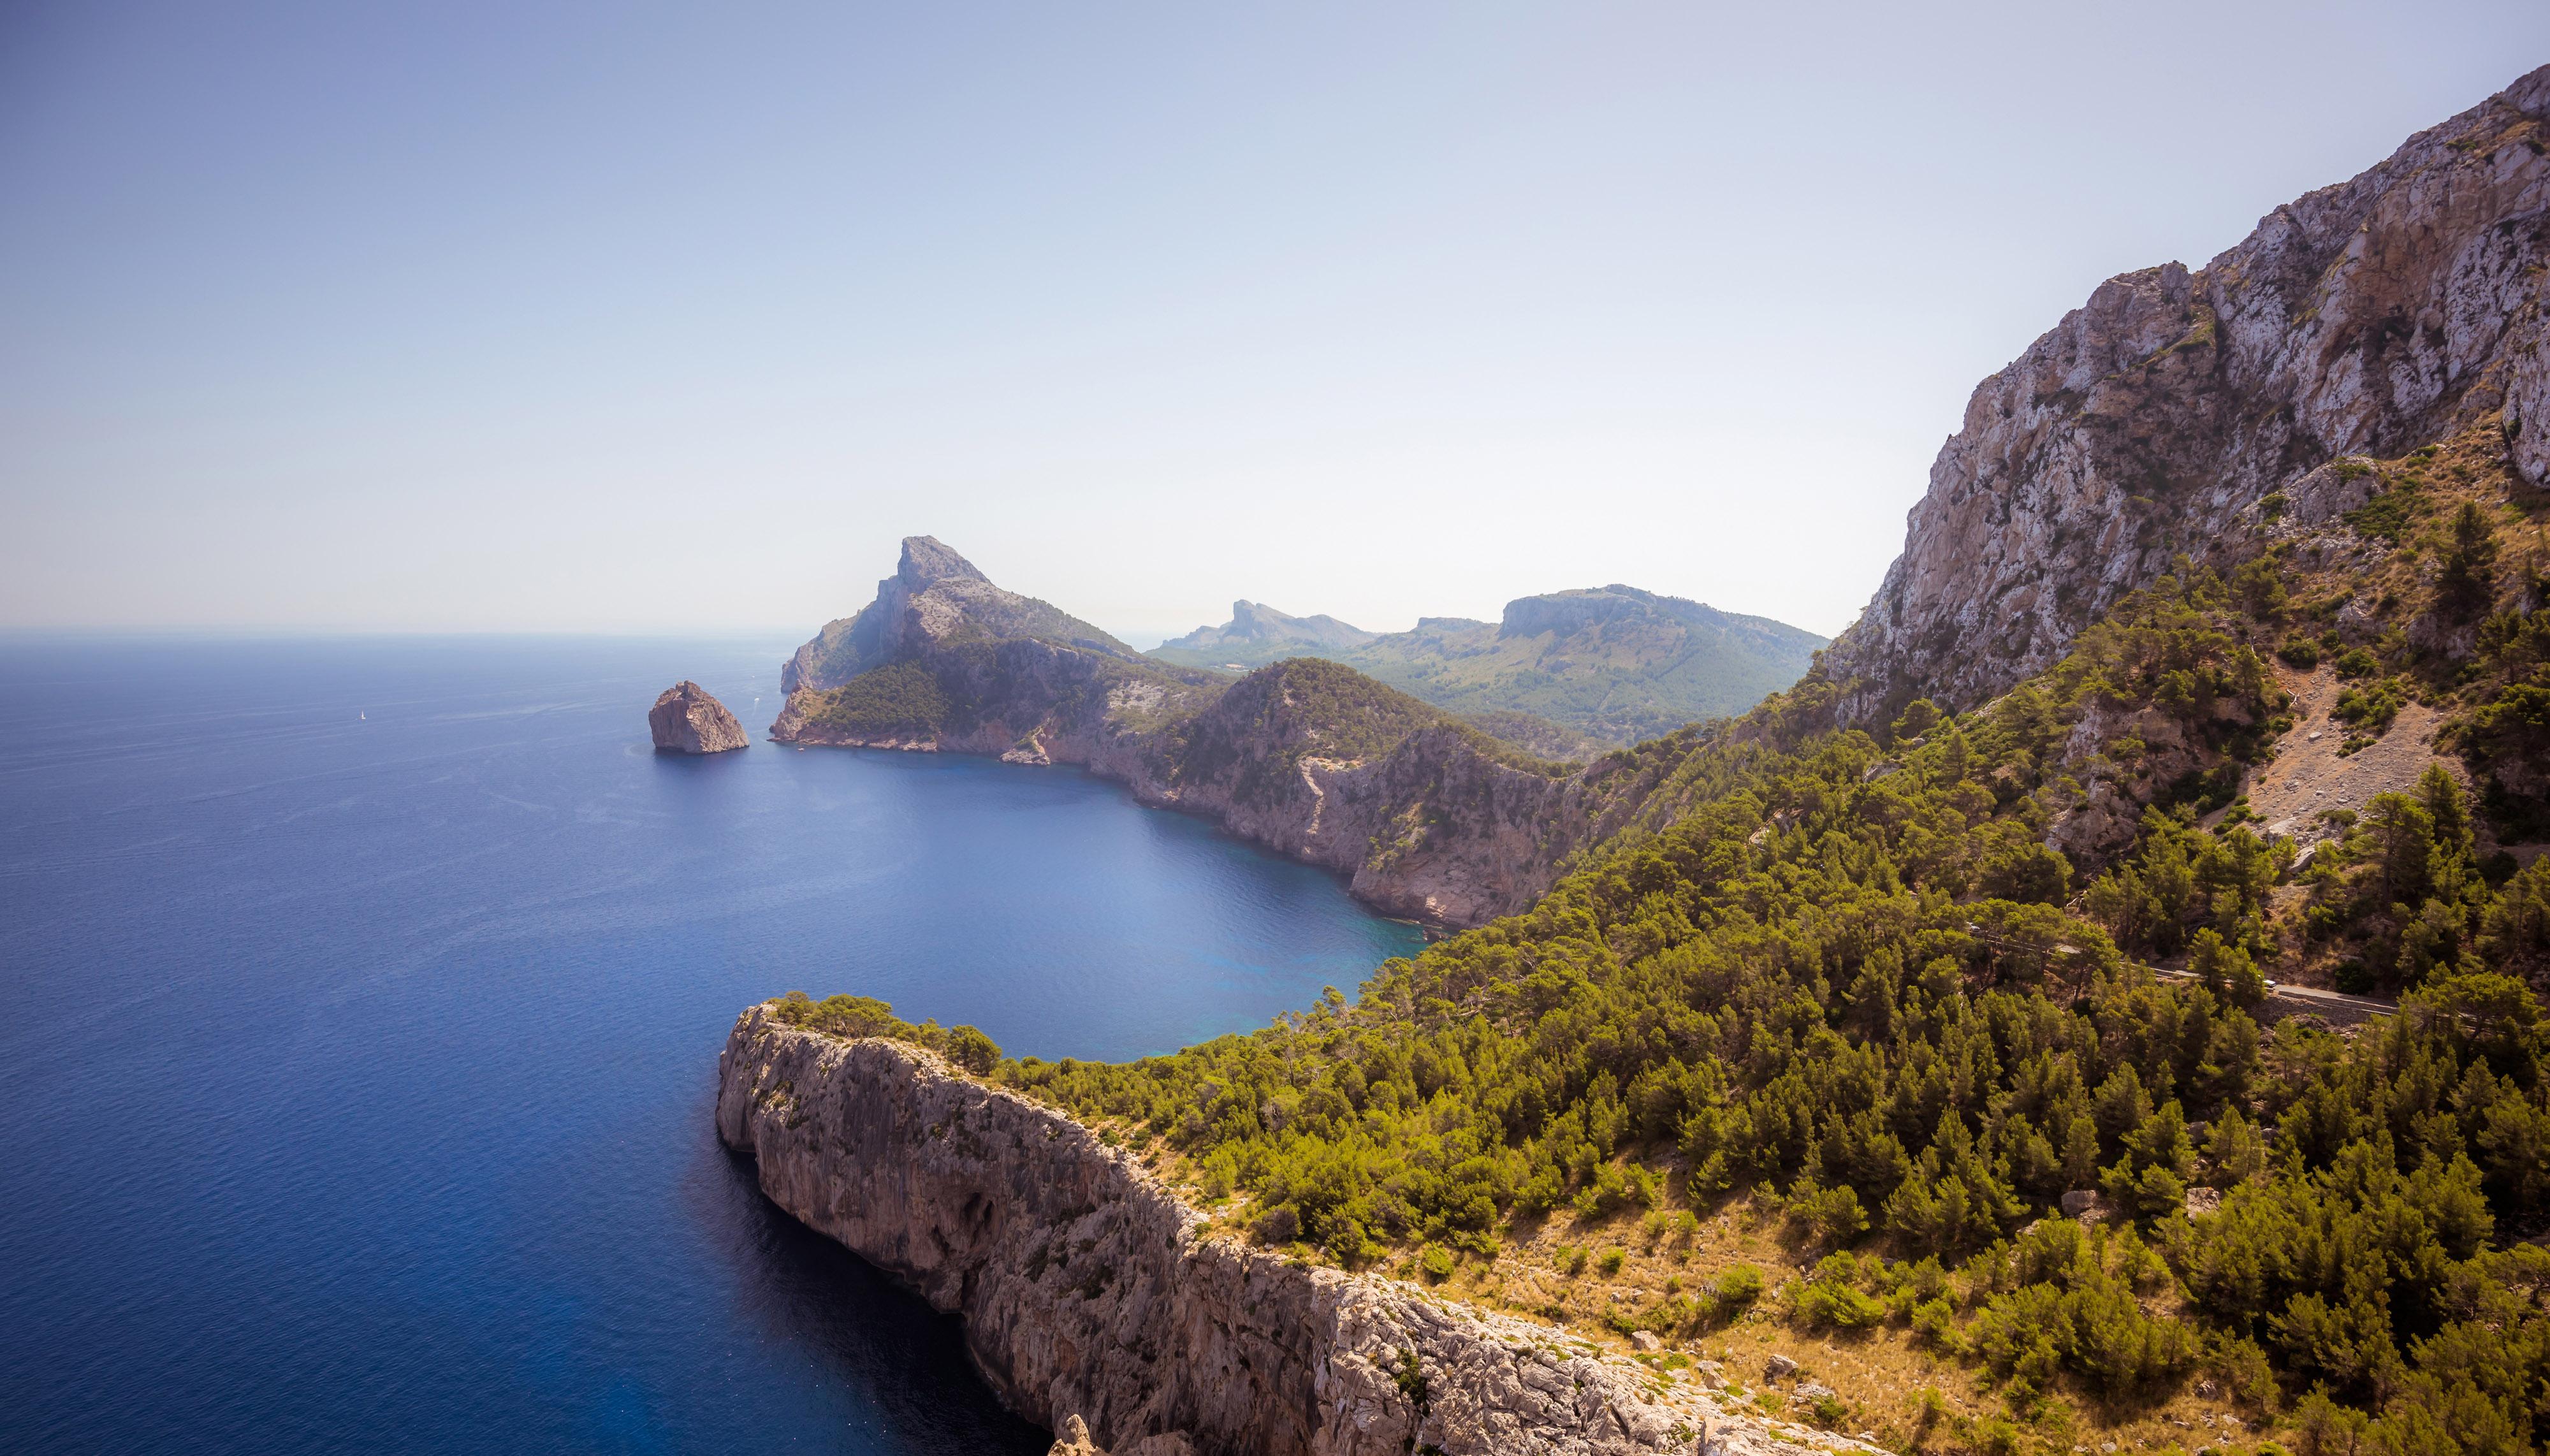 Mallorca, Llubí, Spain - Stefan Kunze